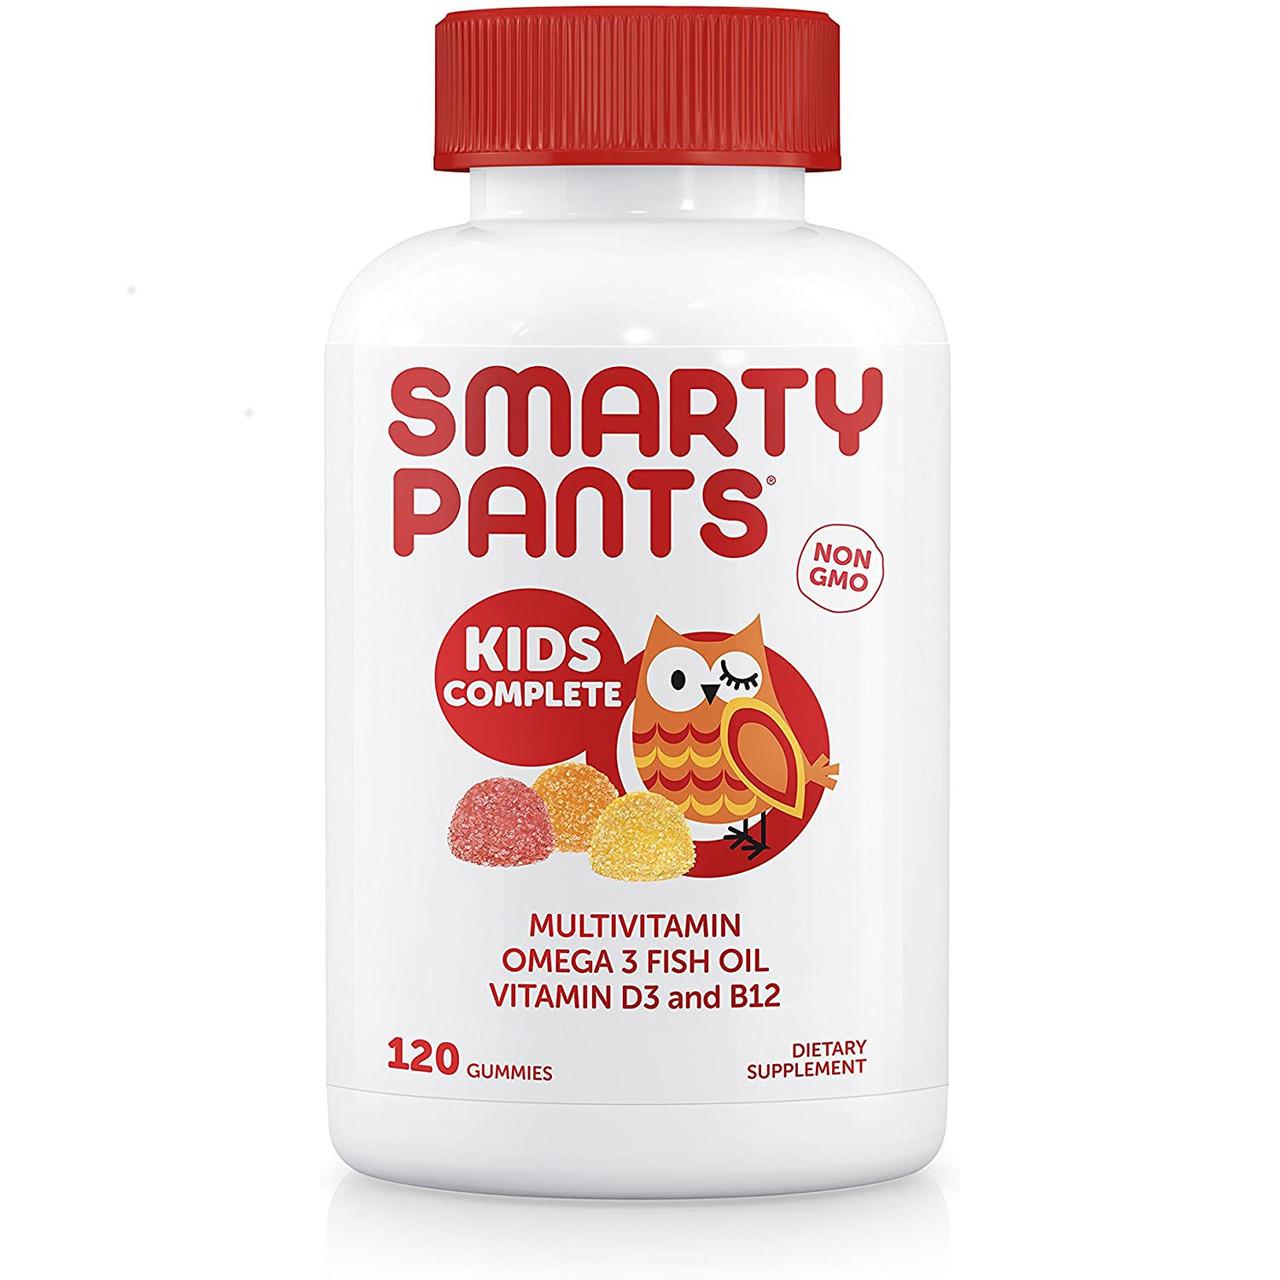 Smartypants Kids Complete Gummy Vitamins, Жевательные Мультивитамины для детей + Омега-3, 120 штук, США